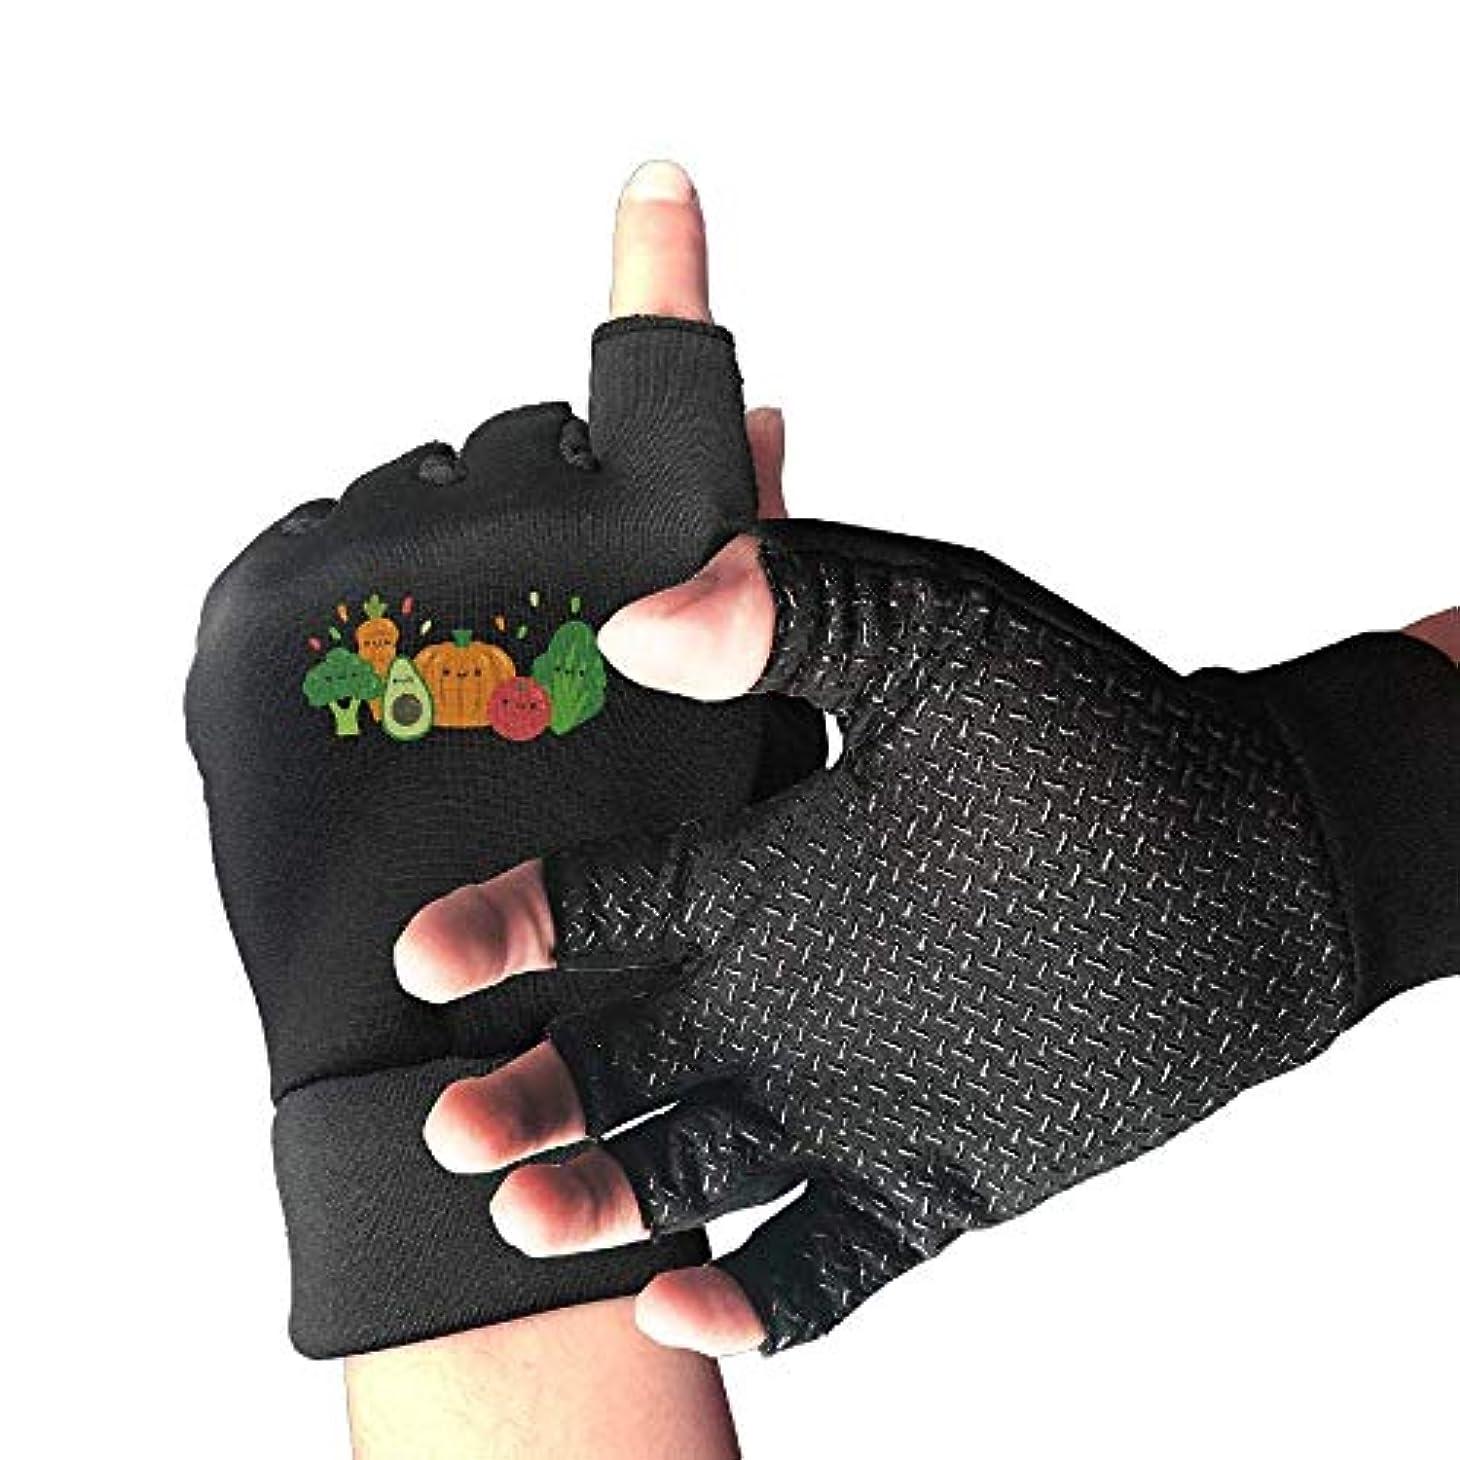 銛禁じるトラフCycling Gloves Fresh Vegetables Men's/Women's Mountain Bike Gloves Half Finger Anti-Slip Motorcycle Gloves